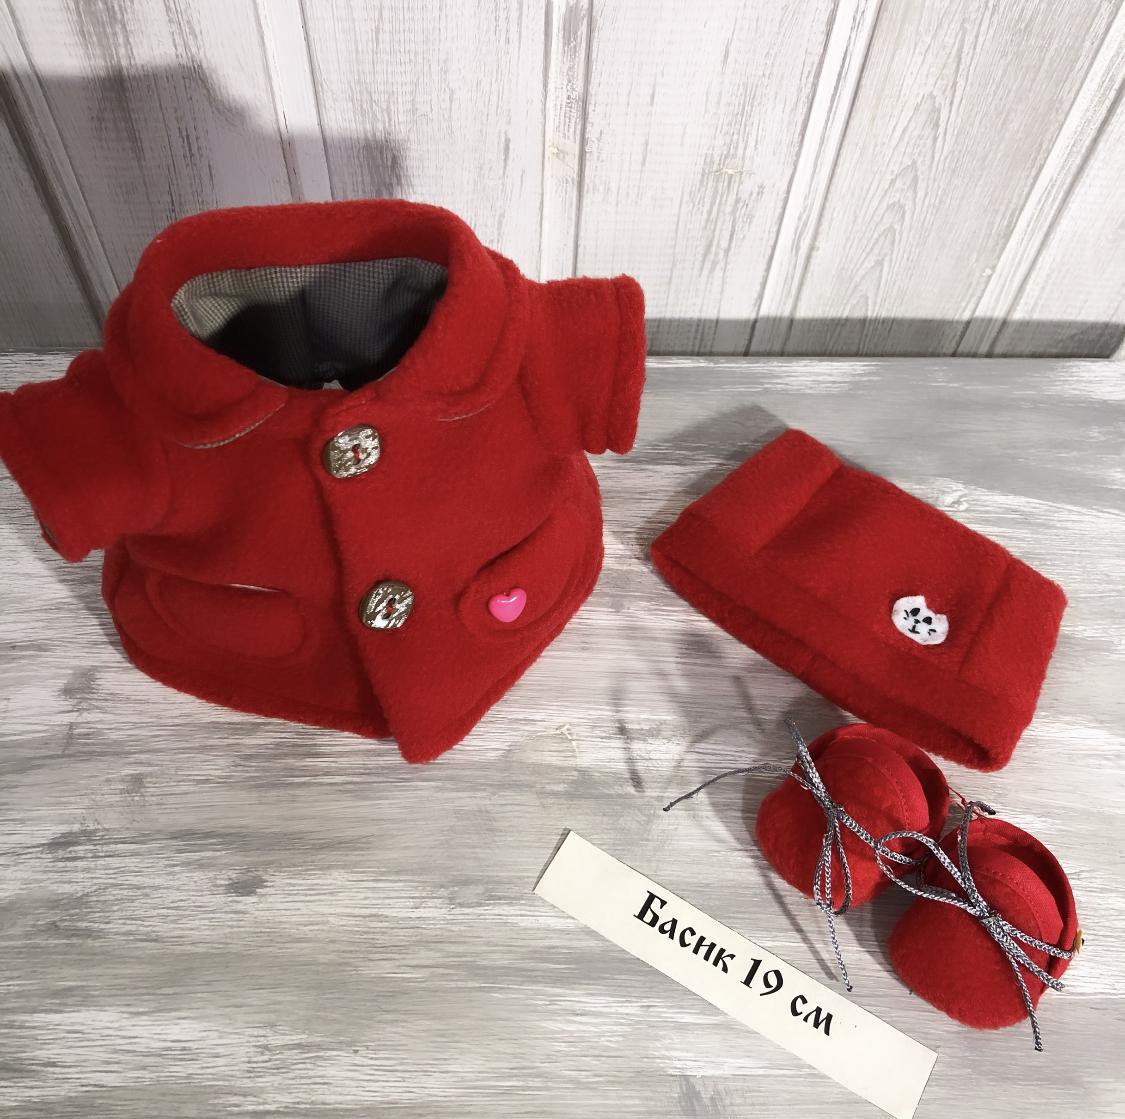 Акция! Выгода 150₽! Пальто с подкладкой, шапочка и обувь (19)